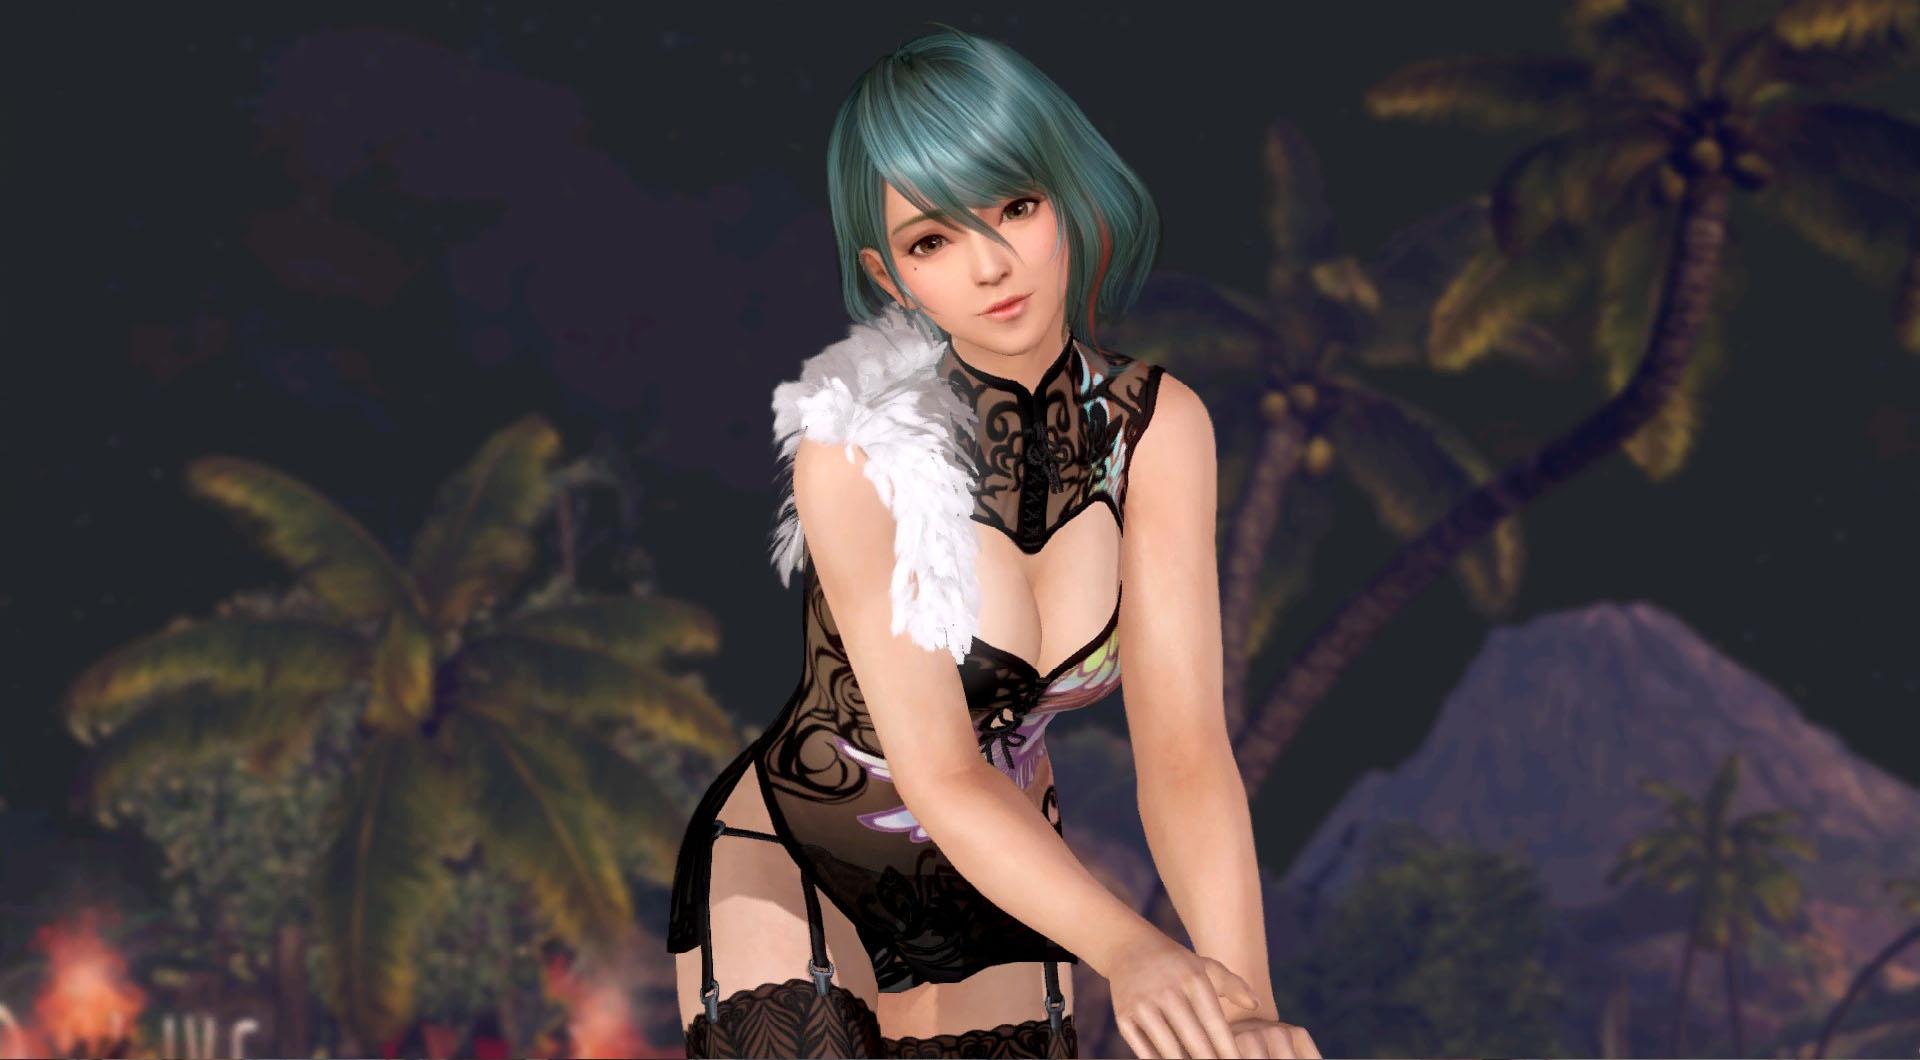 幻燈黒竜(たまき).jpg